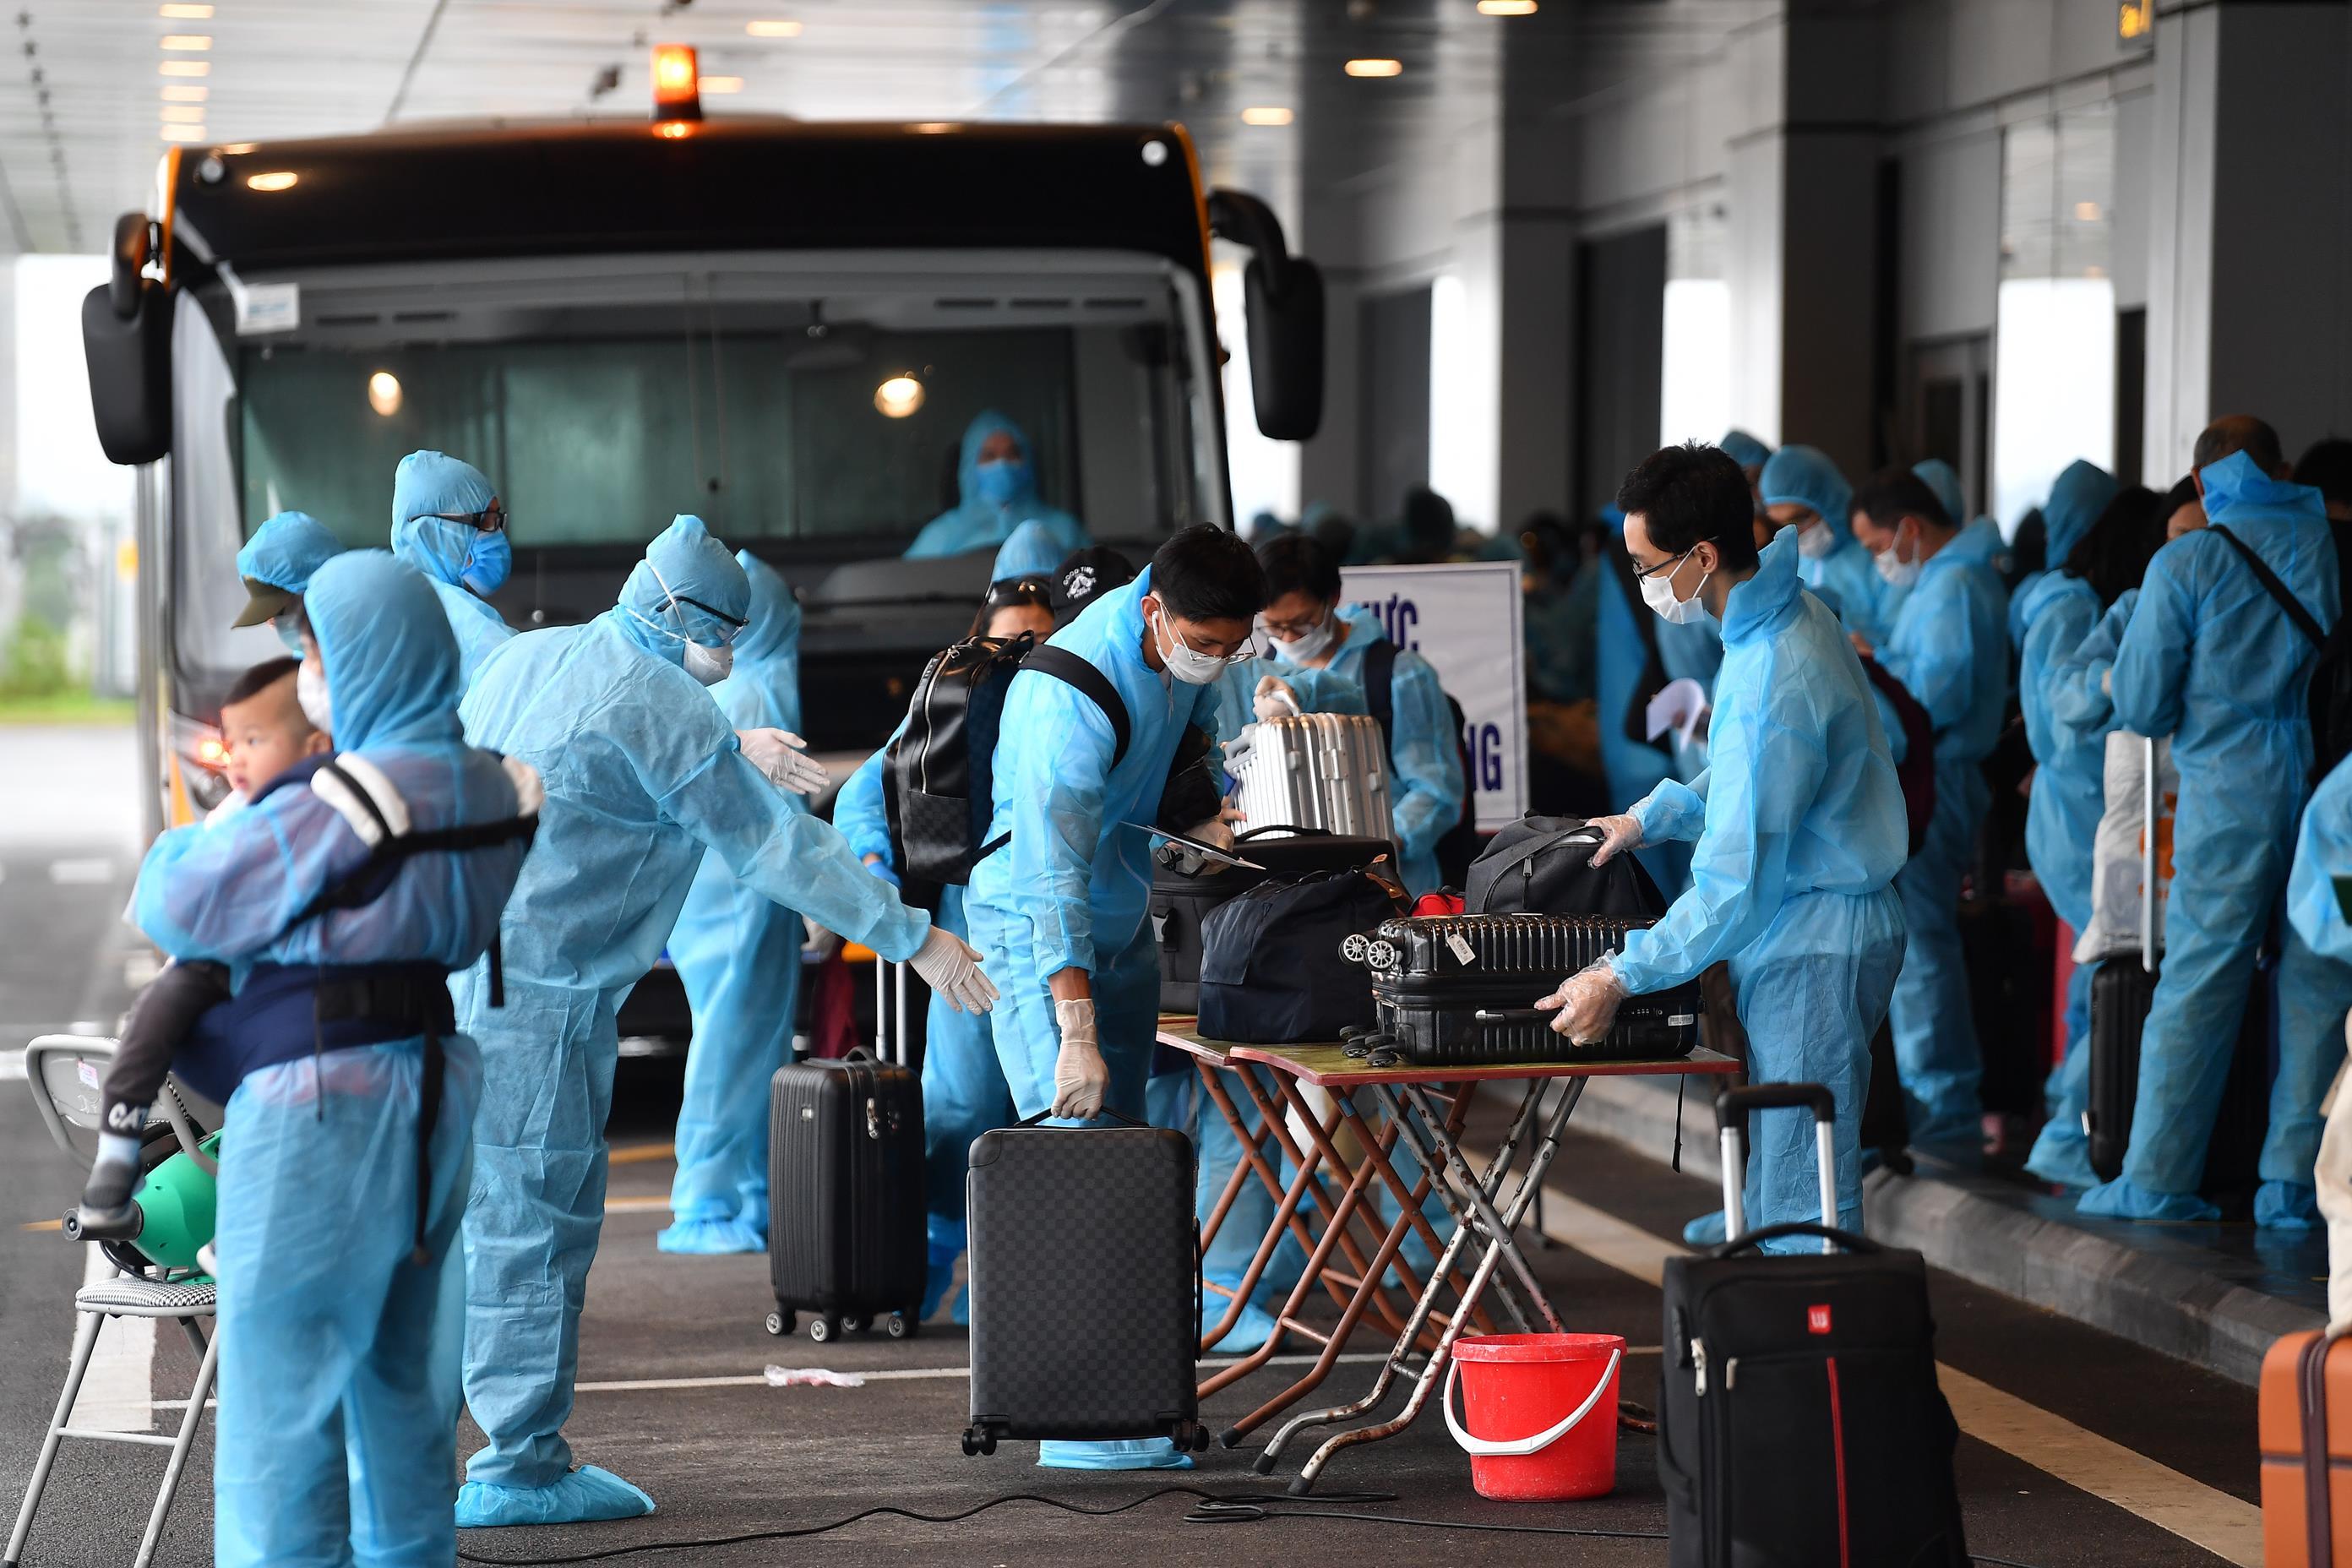 Cầu thủ Đoàn Văn Hậu cũng về nước qua chuyến bay hạ cánh Sân bay Vân Đồn